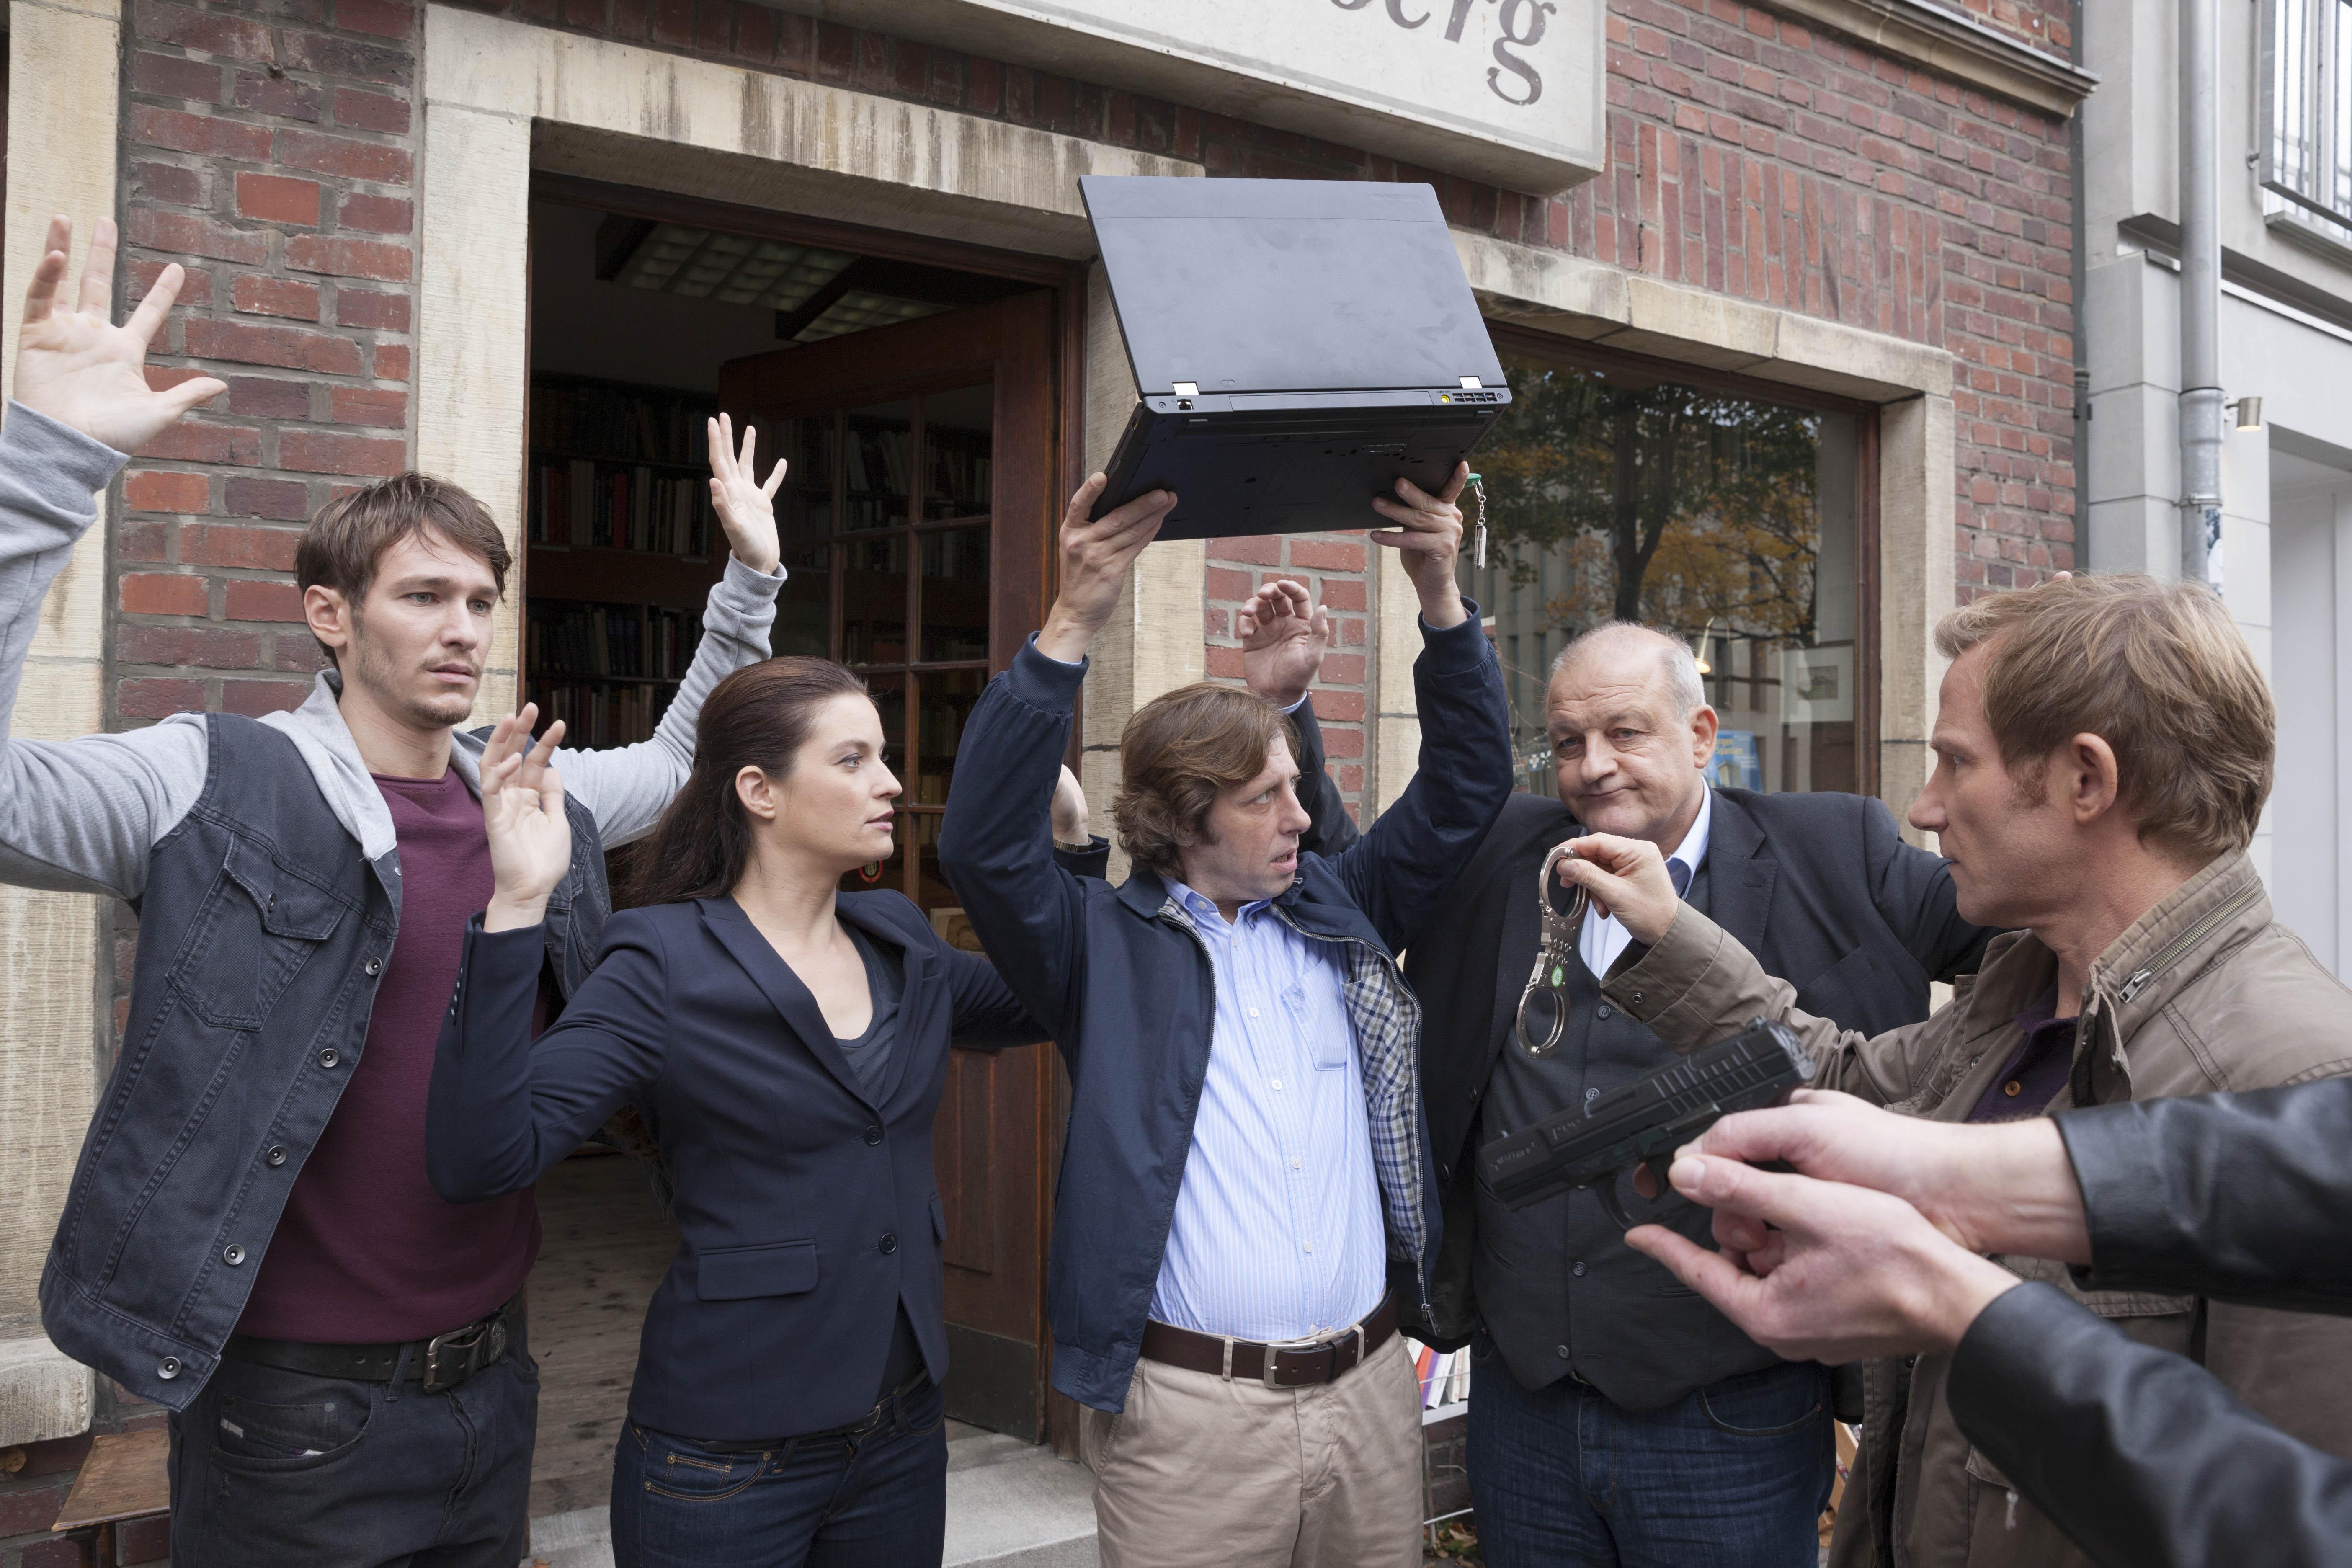 Stadt Münster: Presse- und Informationsamt - Pressemeldungen